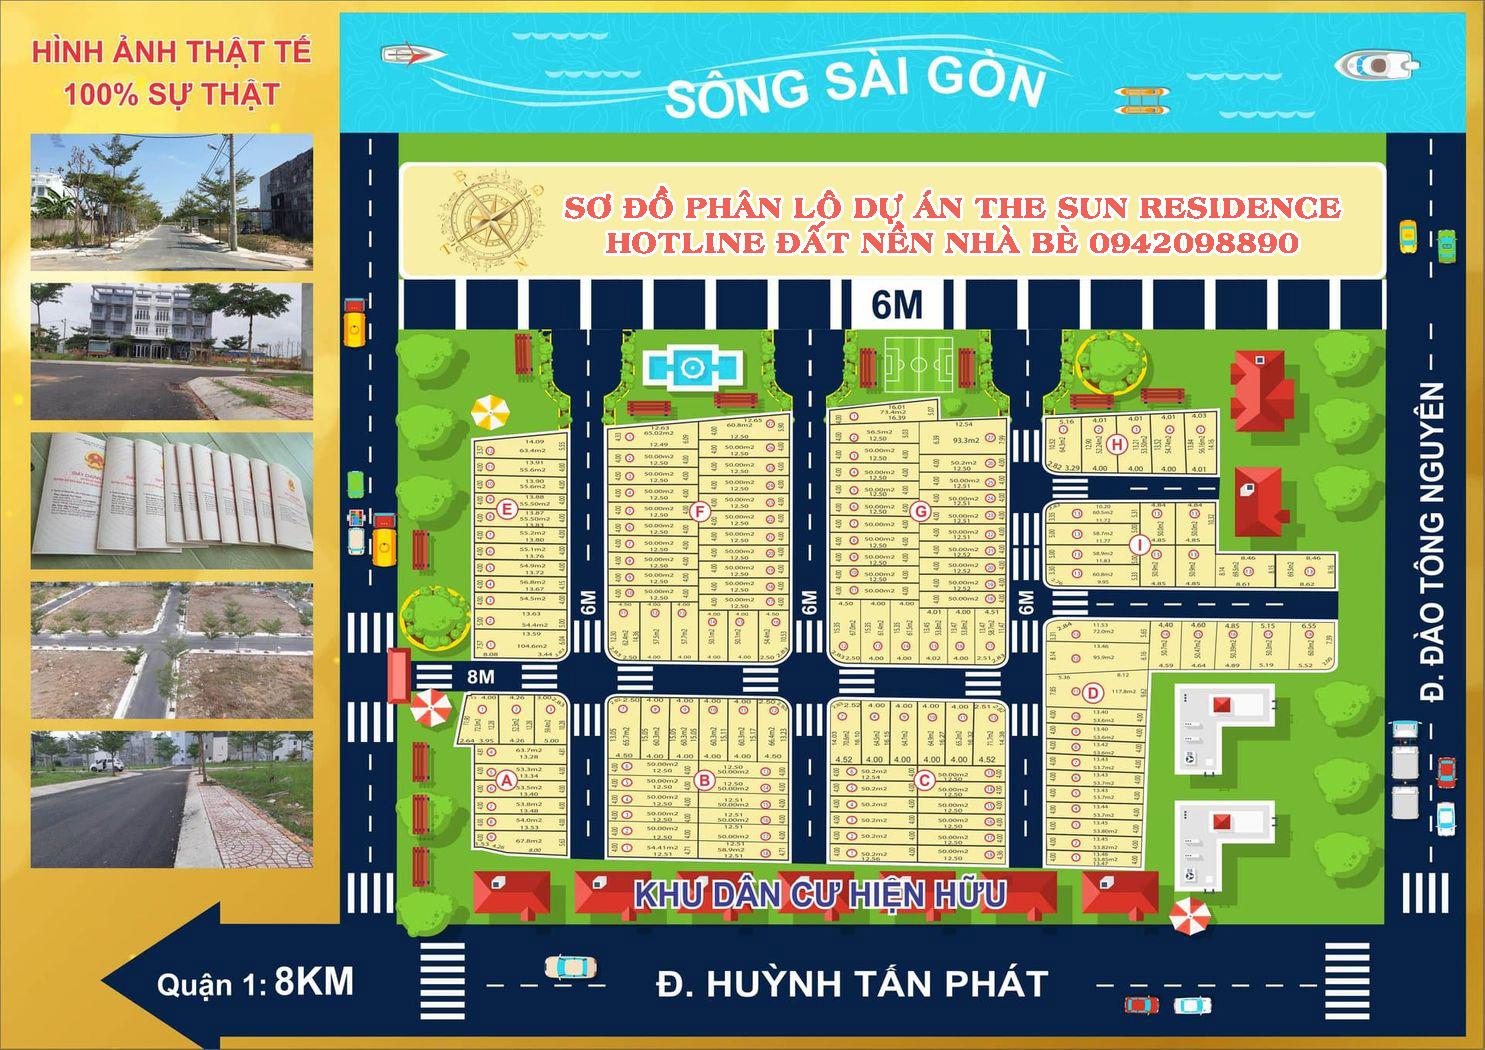 Sơ đồ mặt bằng phân lô dự án The Sun Residence đường Huỳnh Tấn Phát Nhà Bè